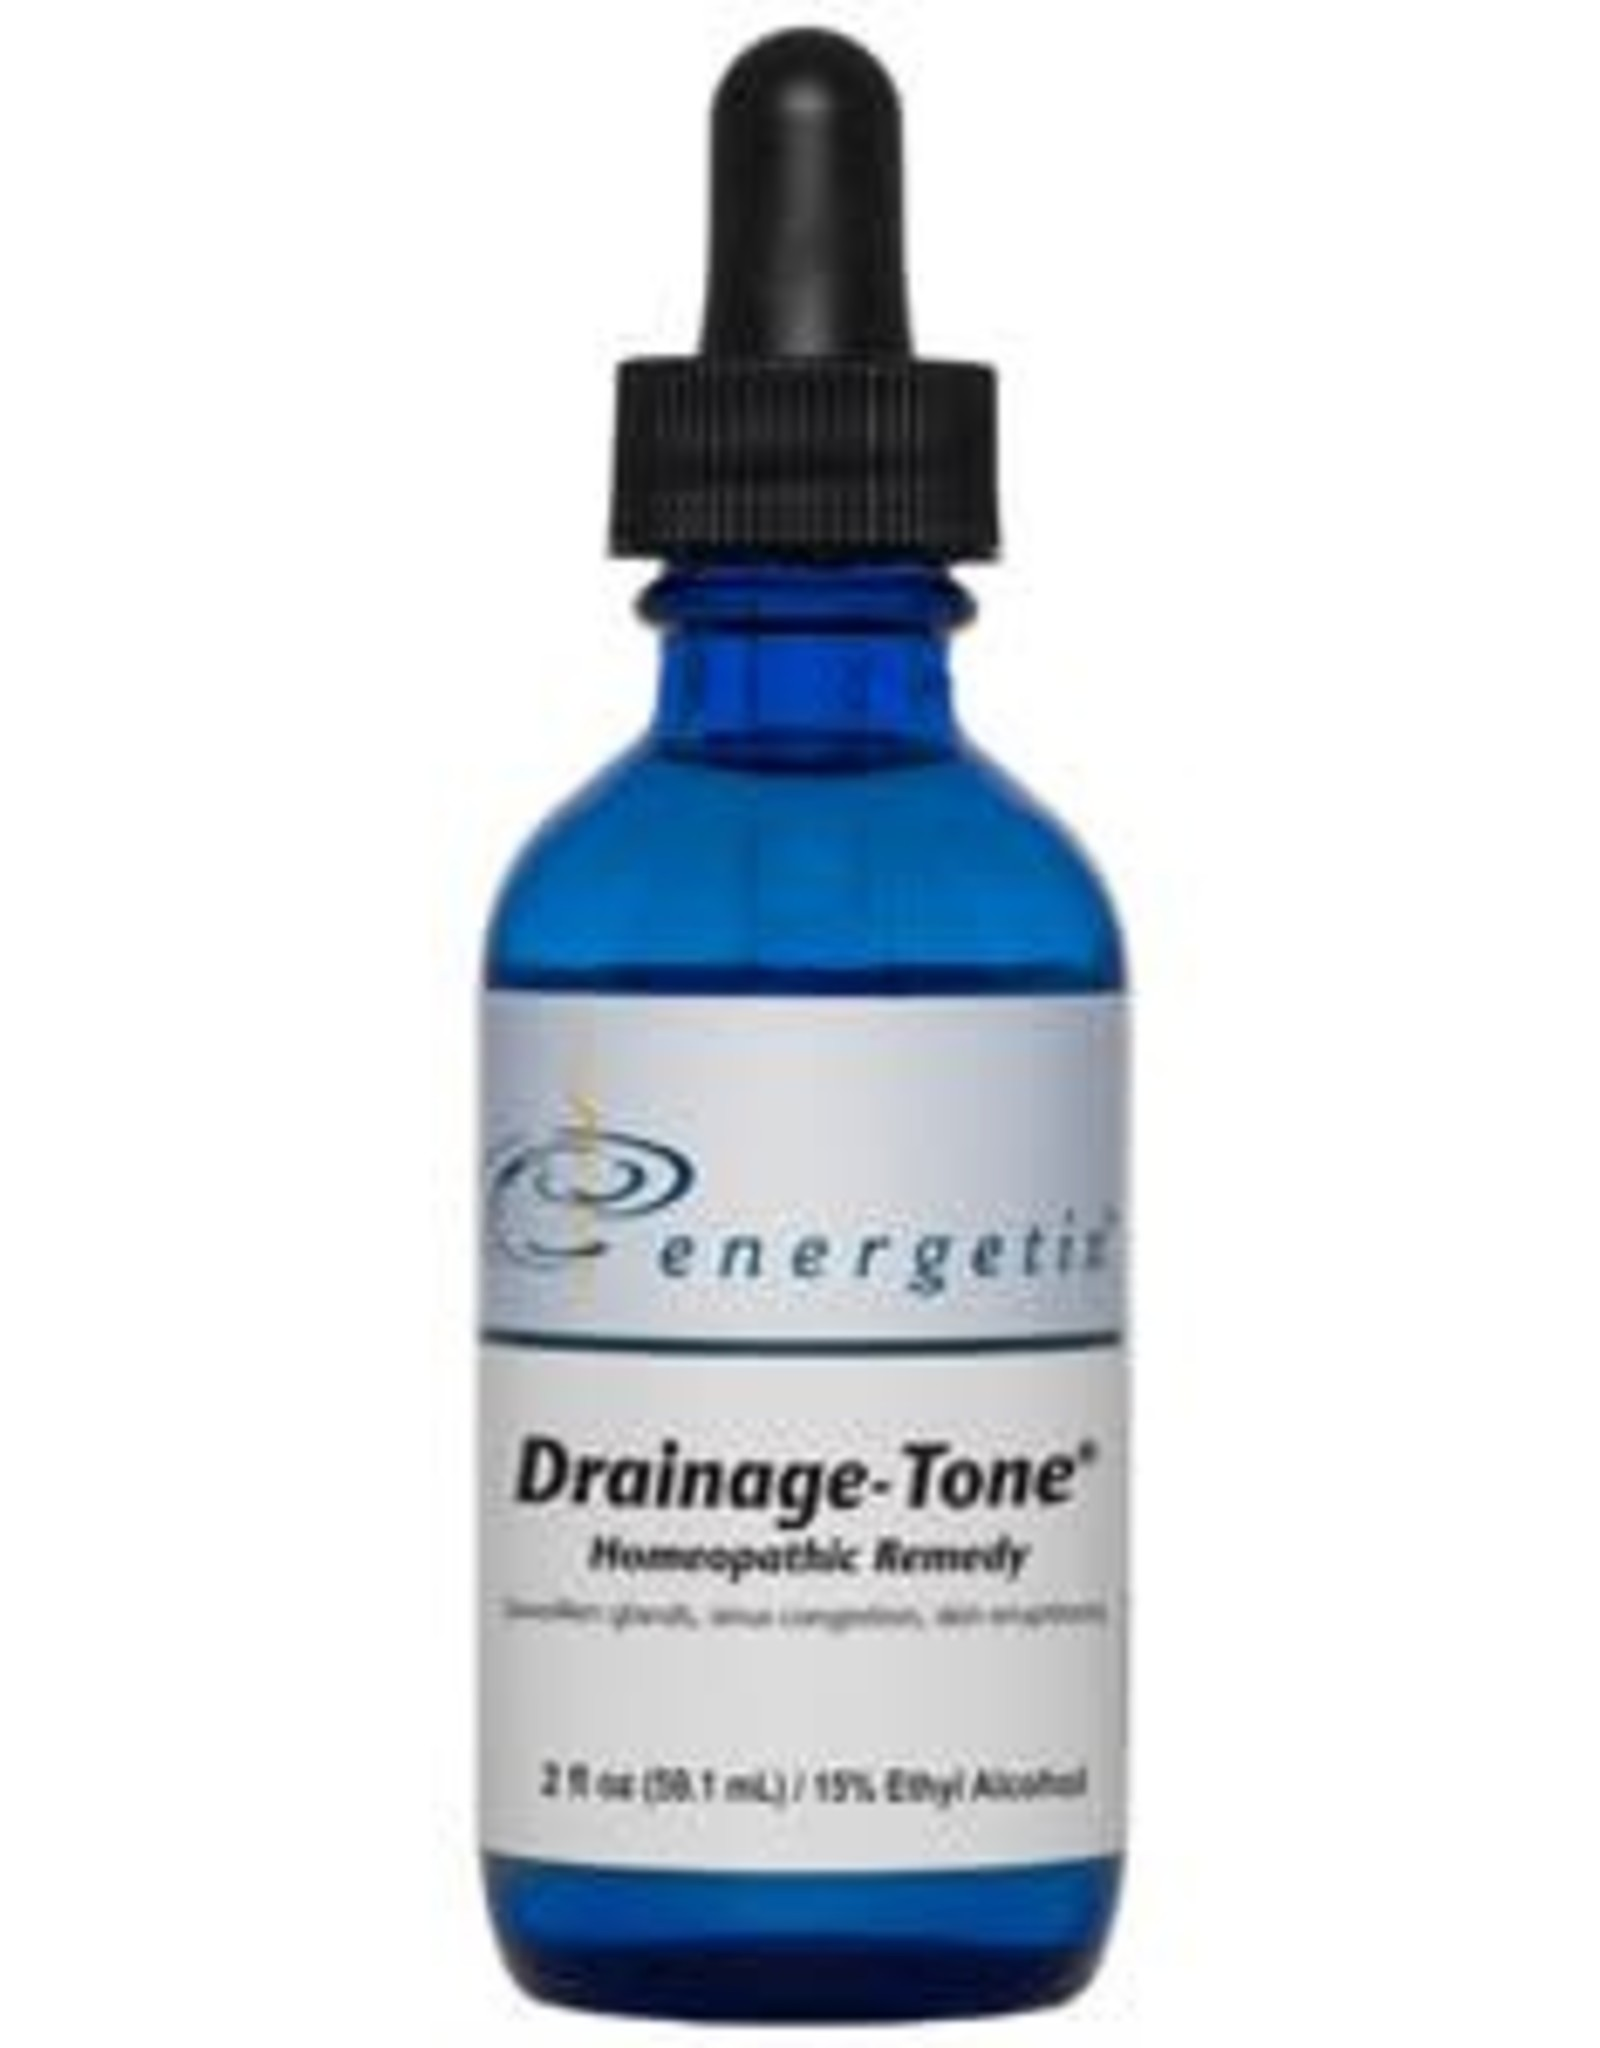 Energetix Drainage-Tone 2 oz.